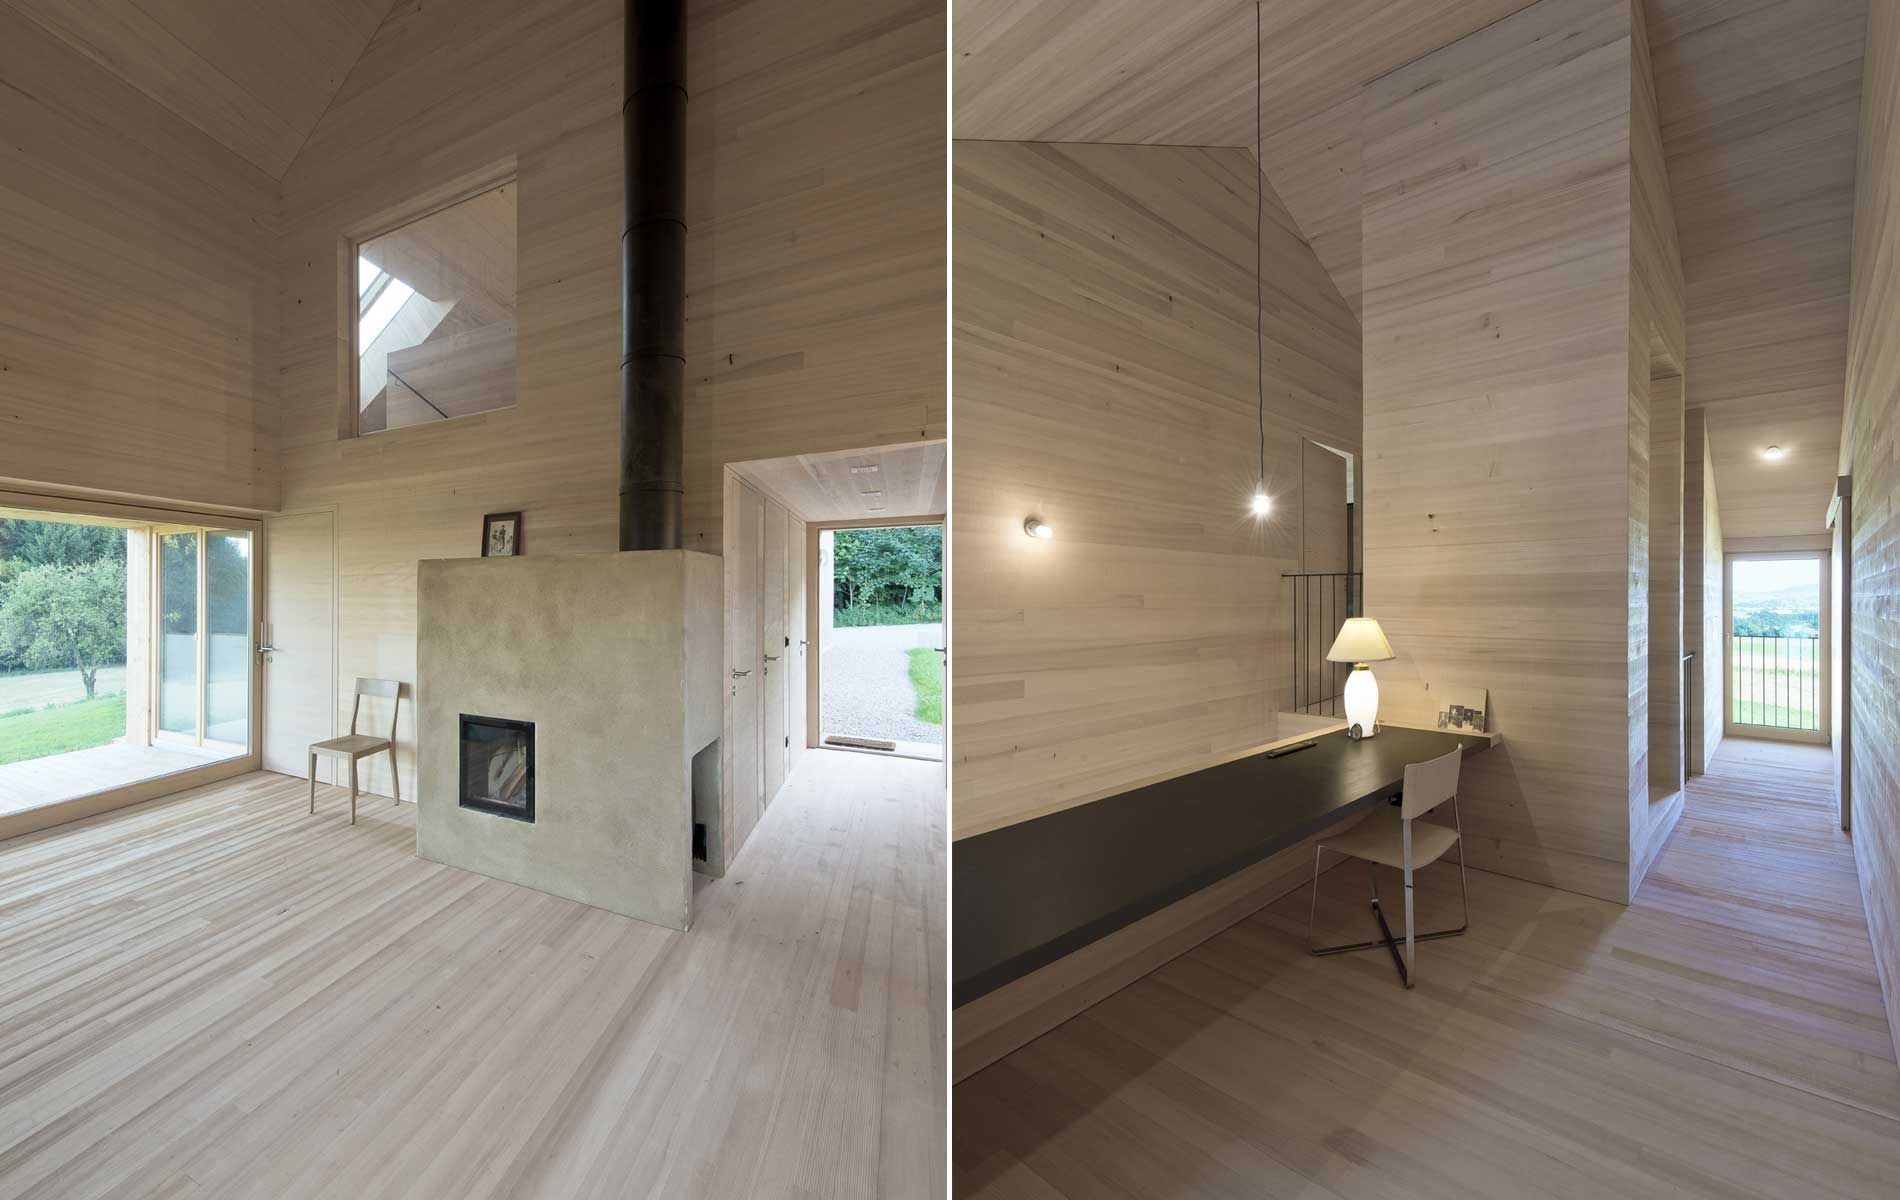 Holzbau innen  Holzbau Lehmofen | öfen | Pinterest | Holzbau, Wochenendhaus und ...